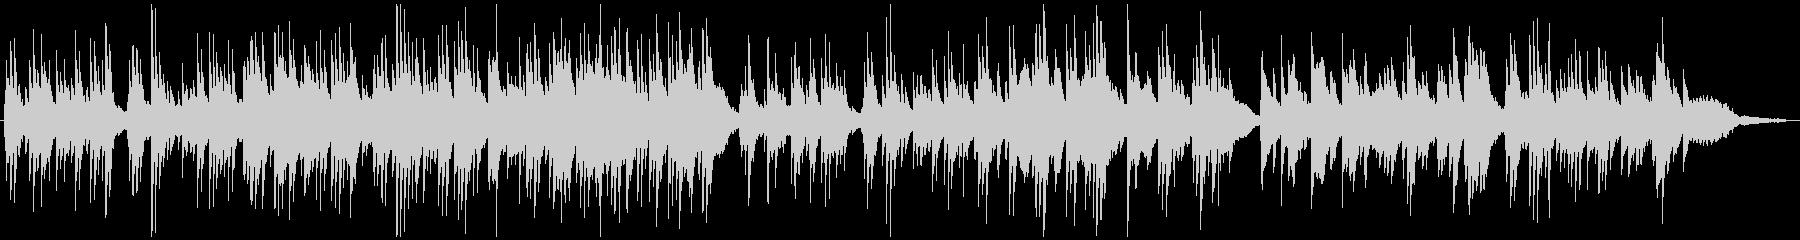 ほのぼのとした雰囲気のピアノソロBGMの未再生の波形